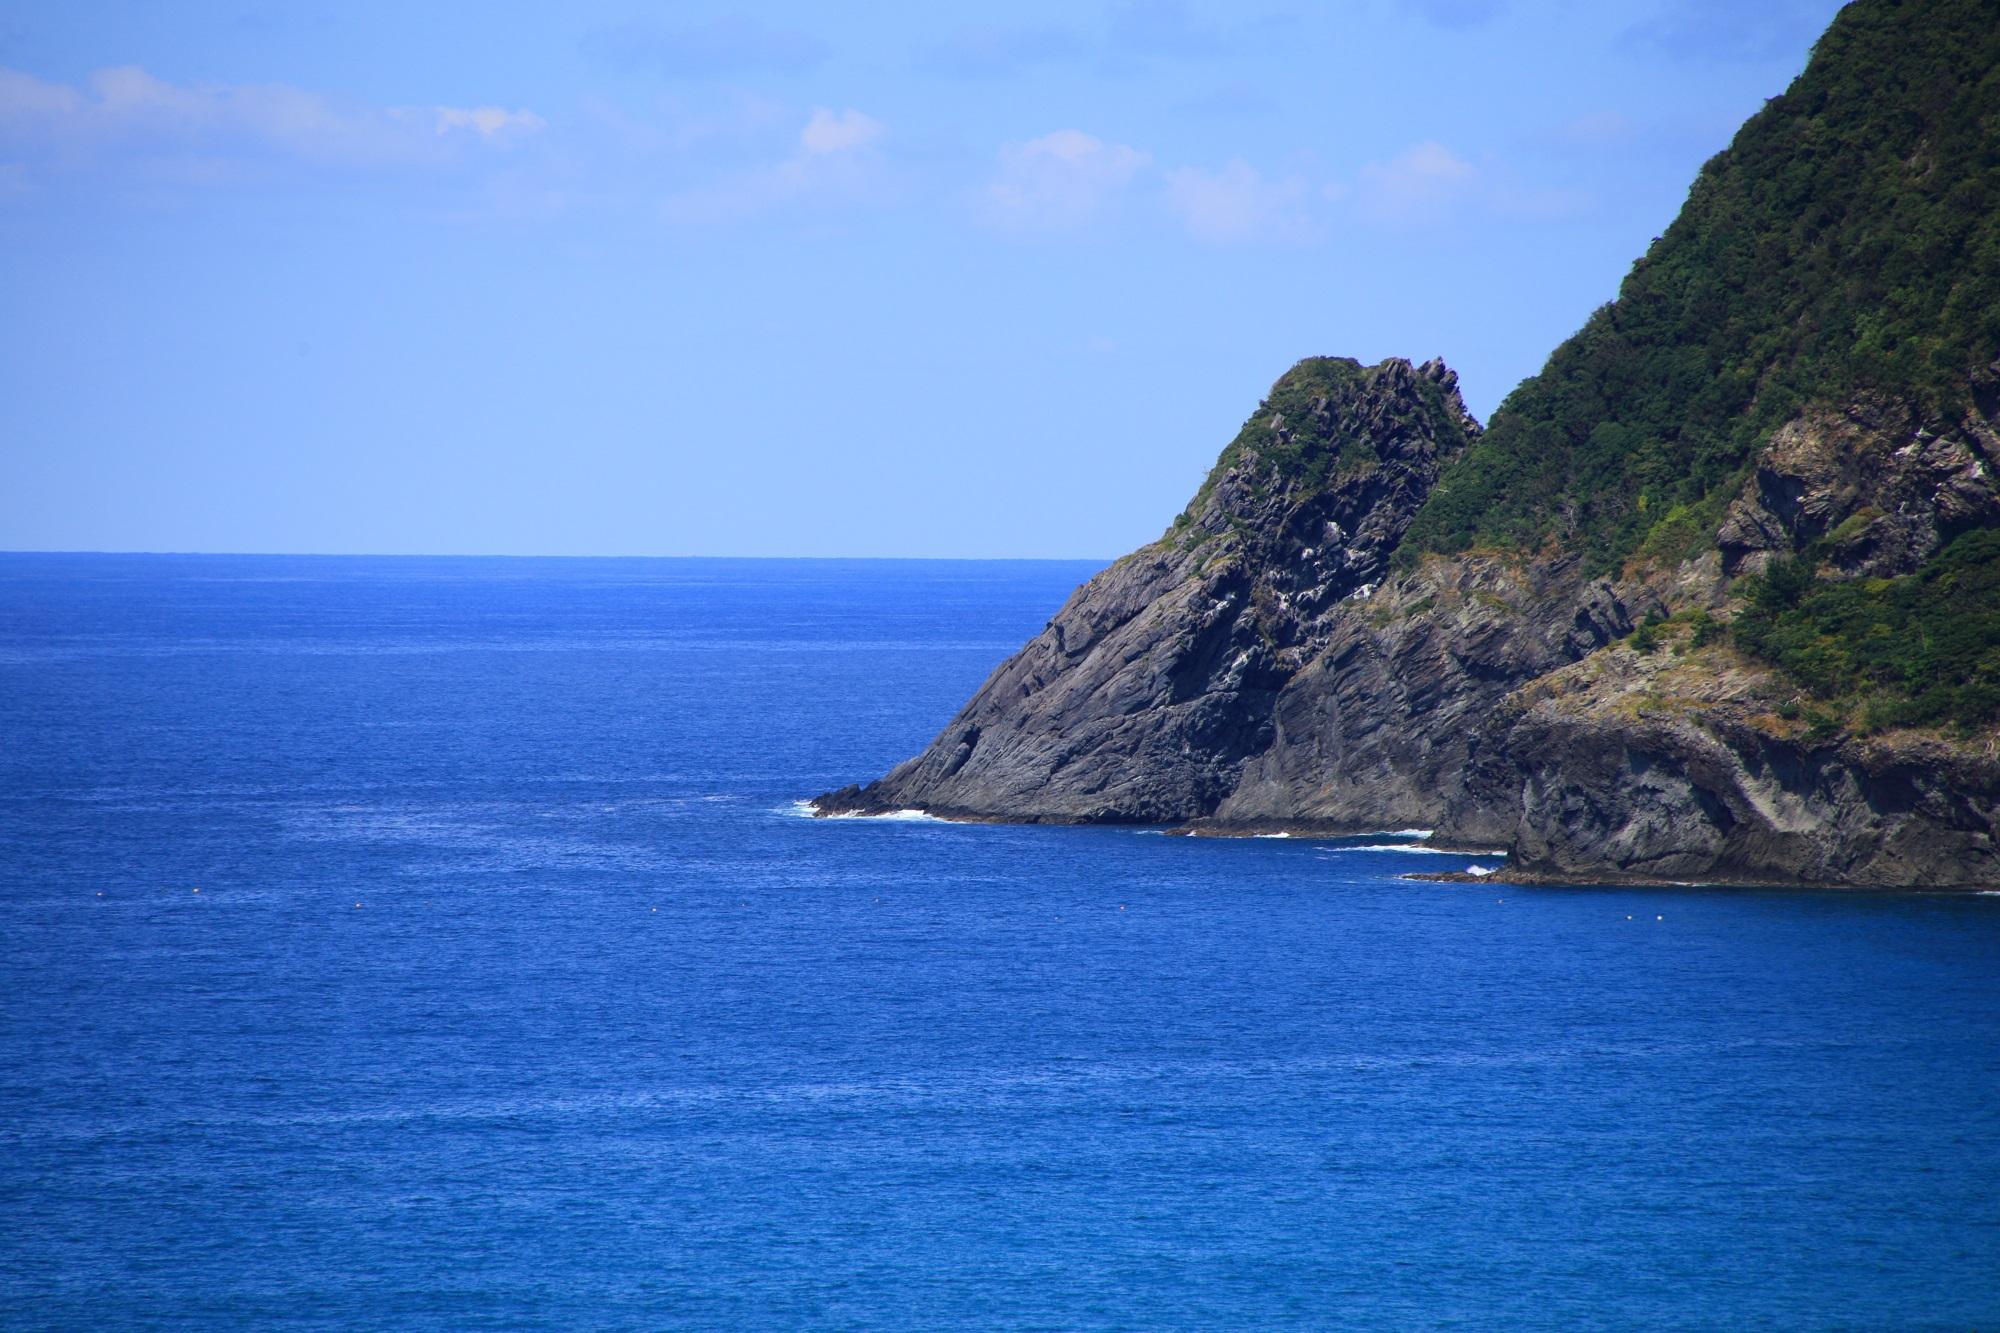 犬ヶ岬の岩や岸壁と良く合うコバルトブルーの綺麗な海